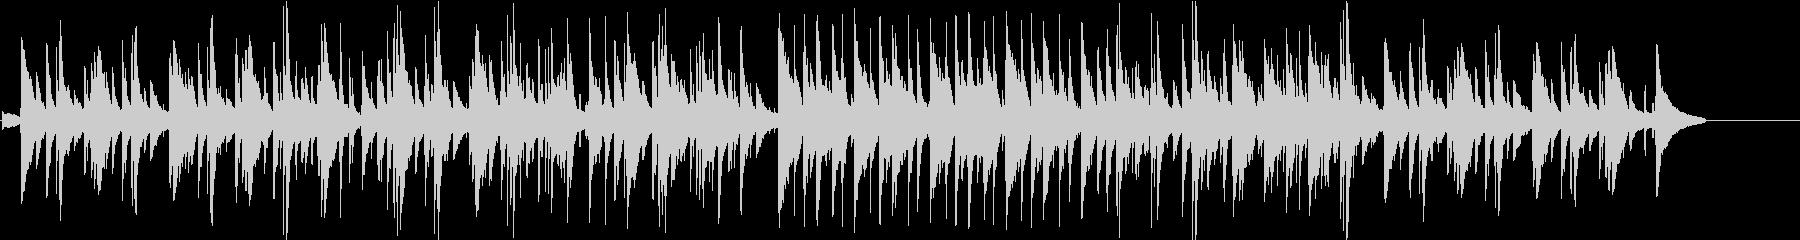 繊細で感傷的な雰囲気のピアノバラードの未再生の波形